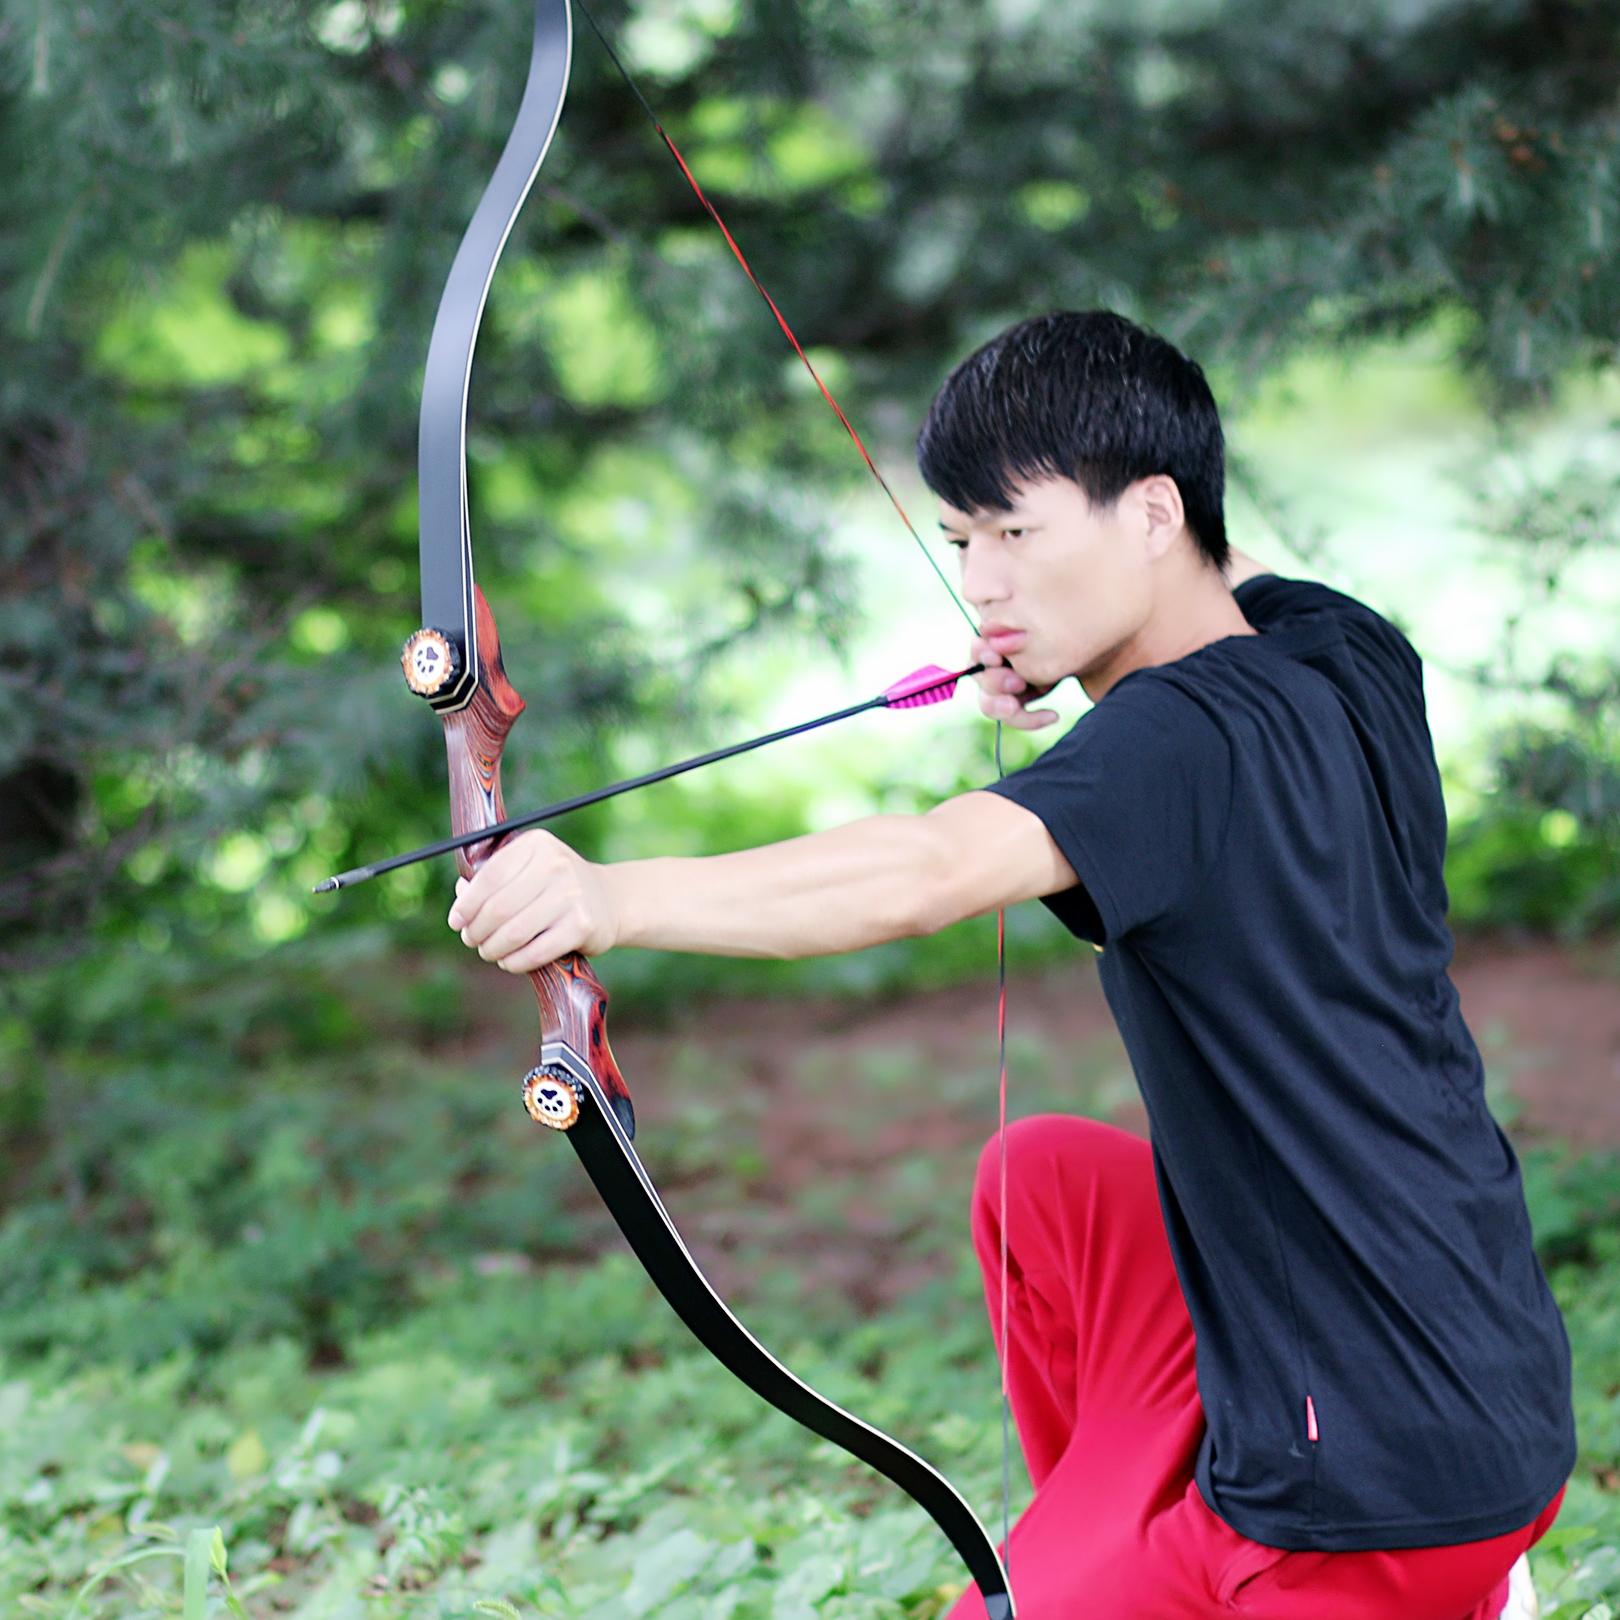 猎火弓箭反曲弓竞技运动射击精灵王子美式猎弓进口弓片纯手工制作